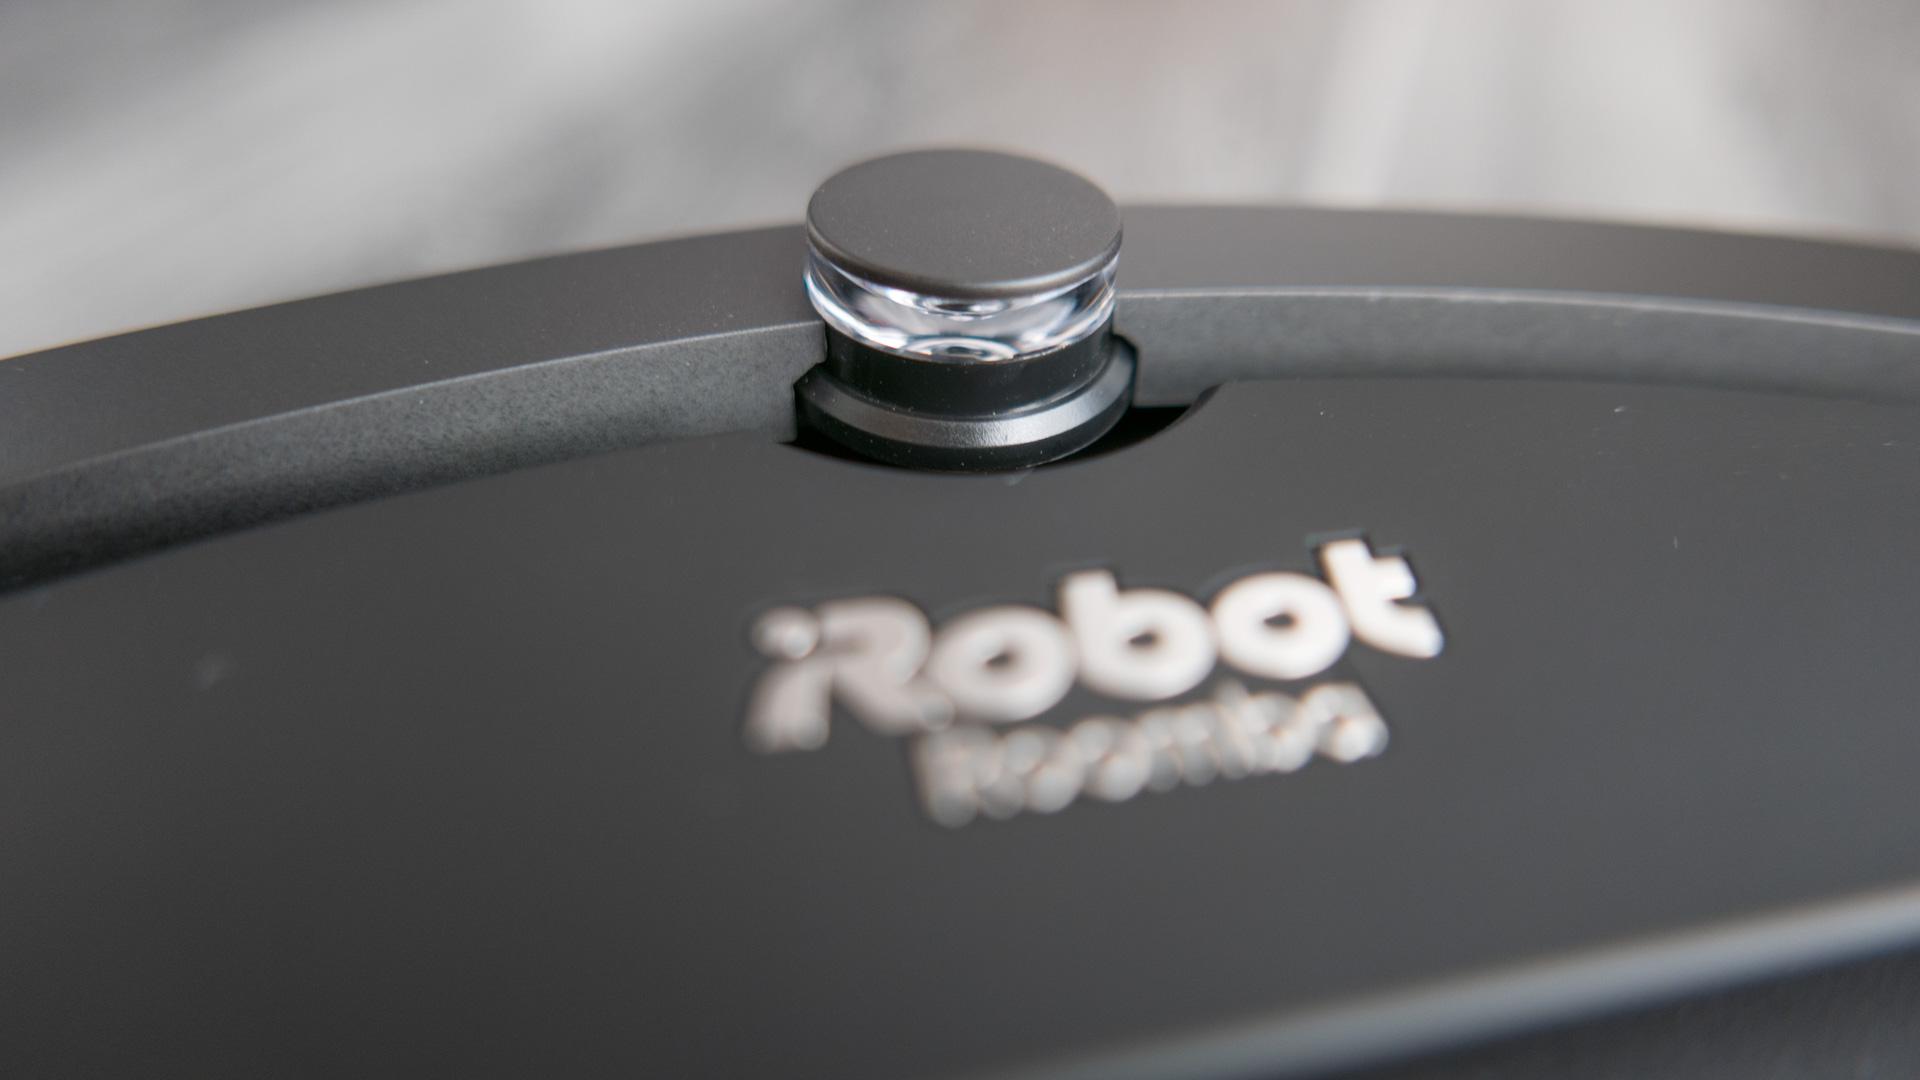 iRobot Roomba 980 Details 05